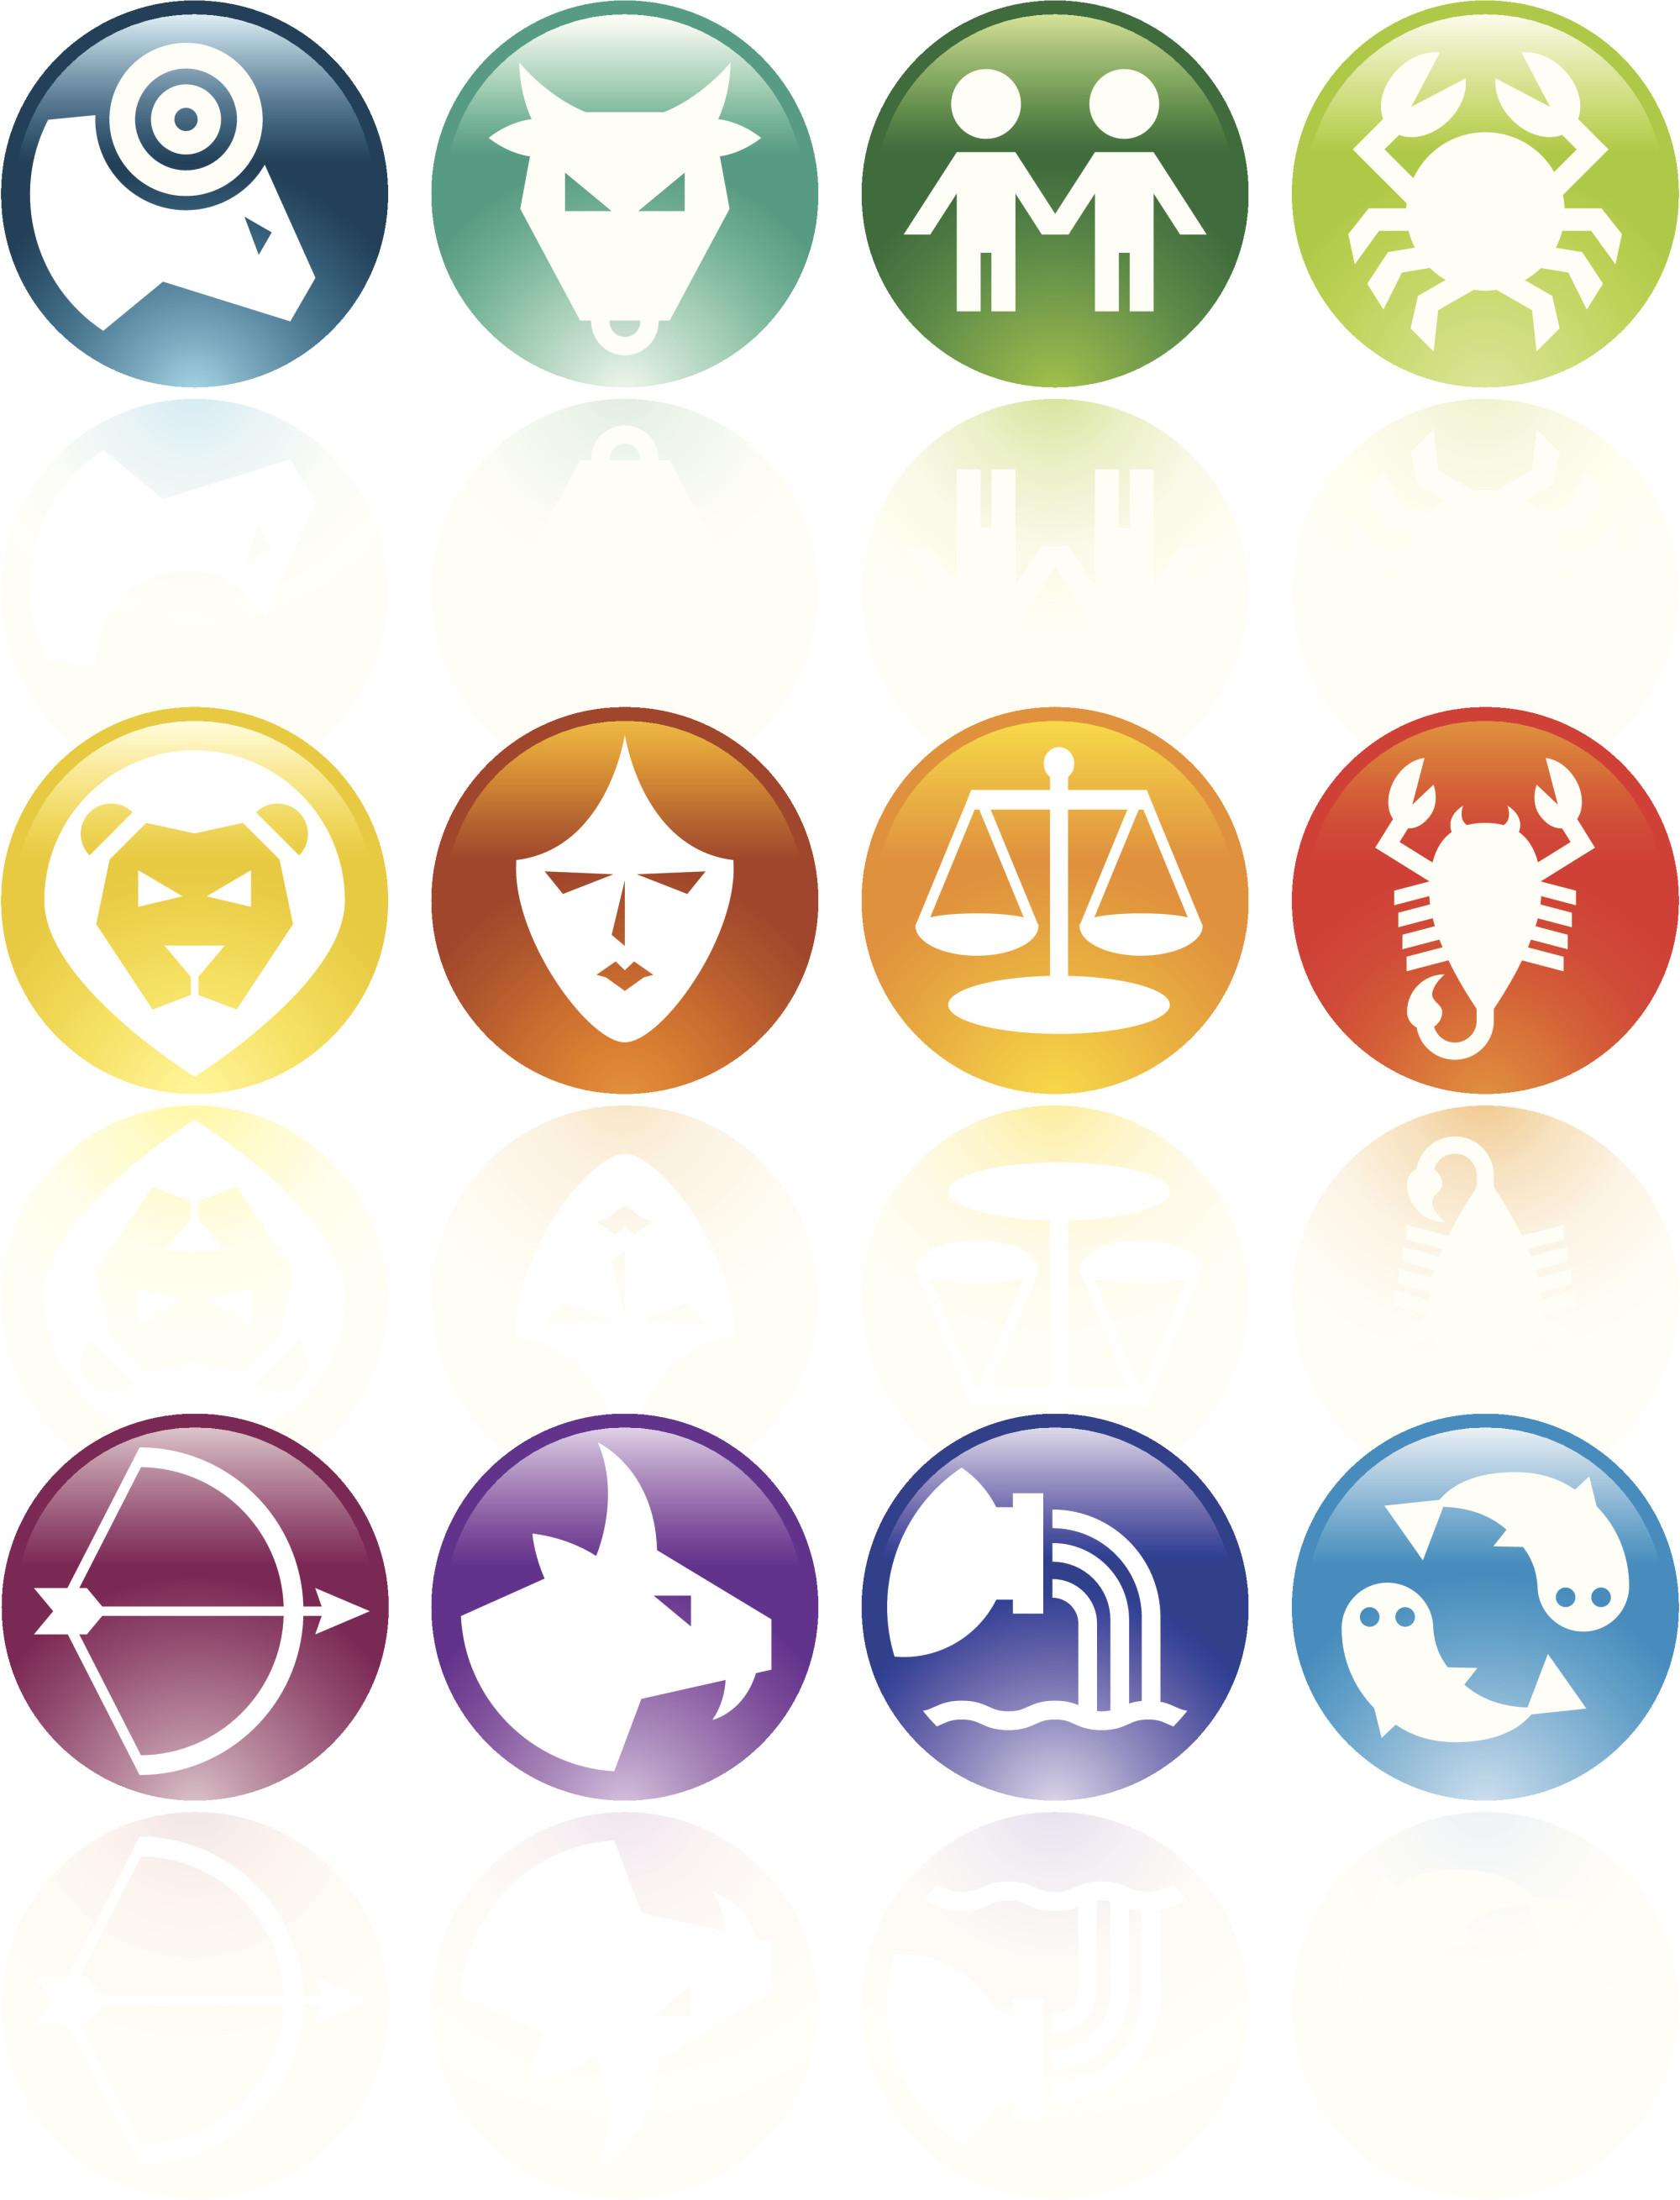 2016 - Orden de los signos zodiacales ...